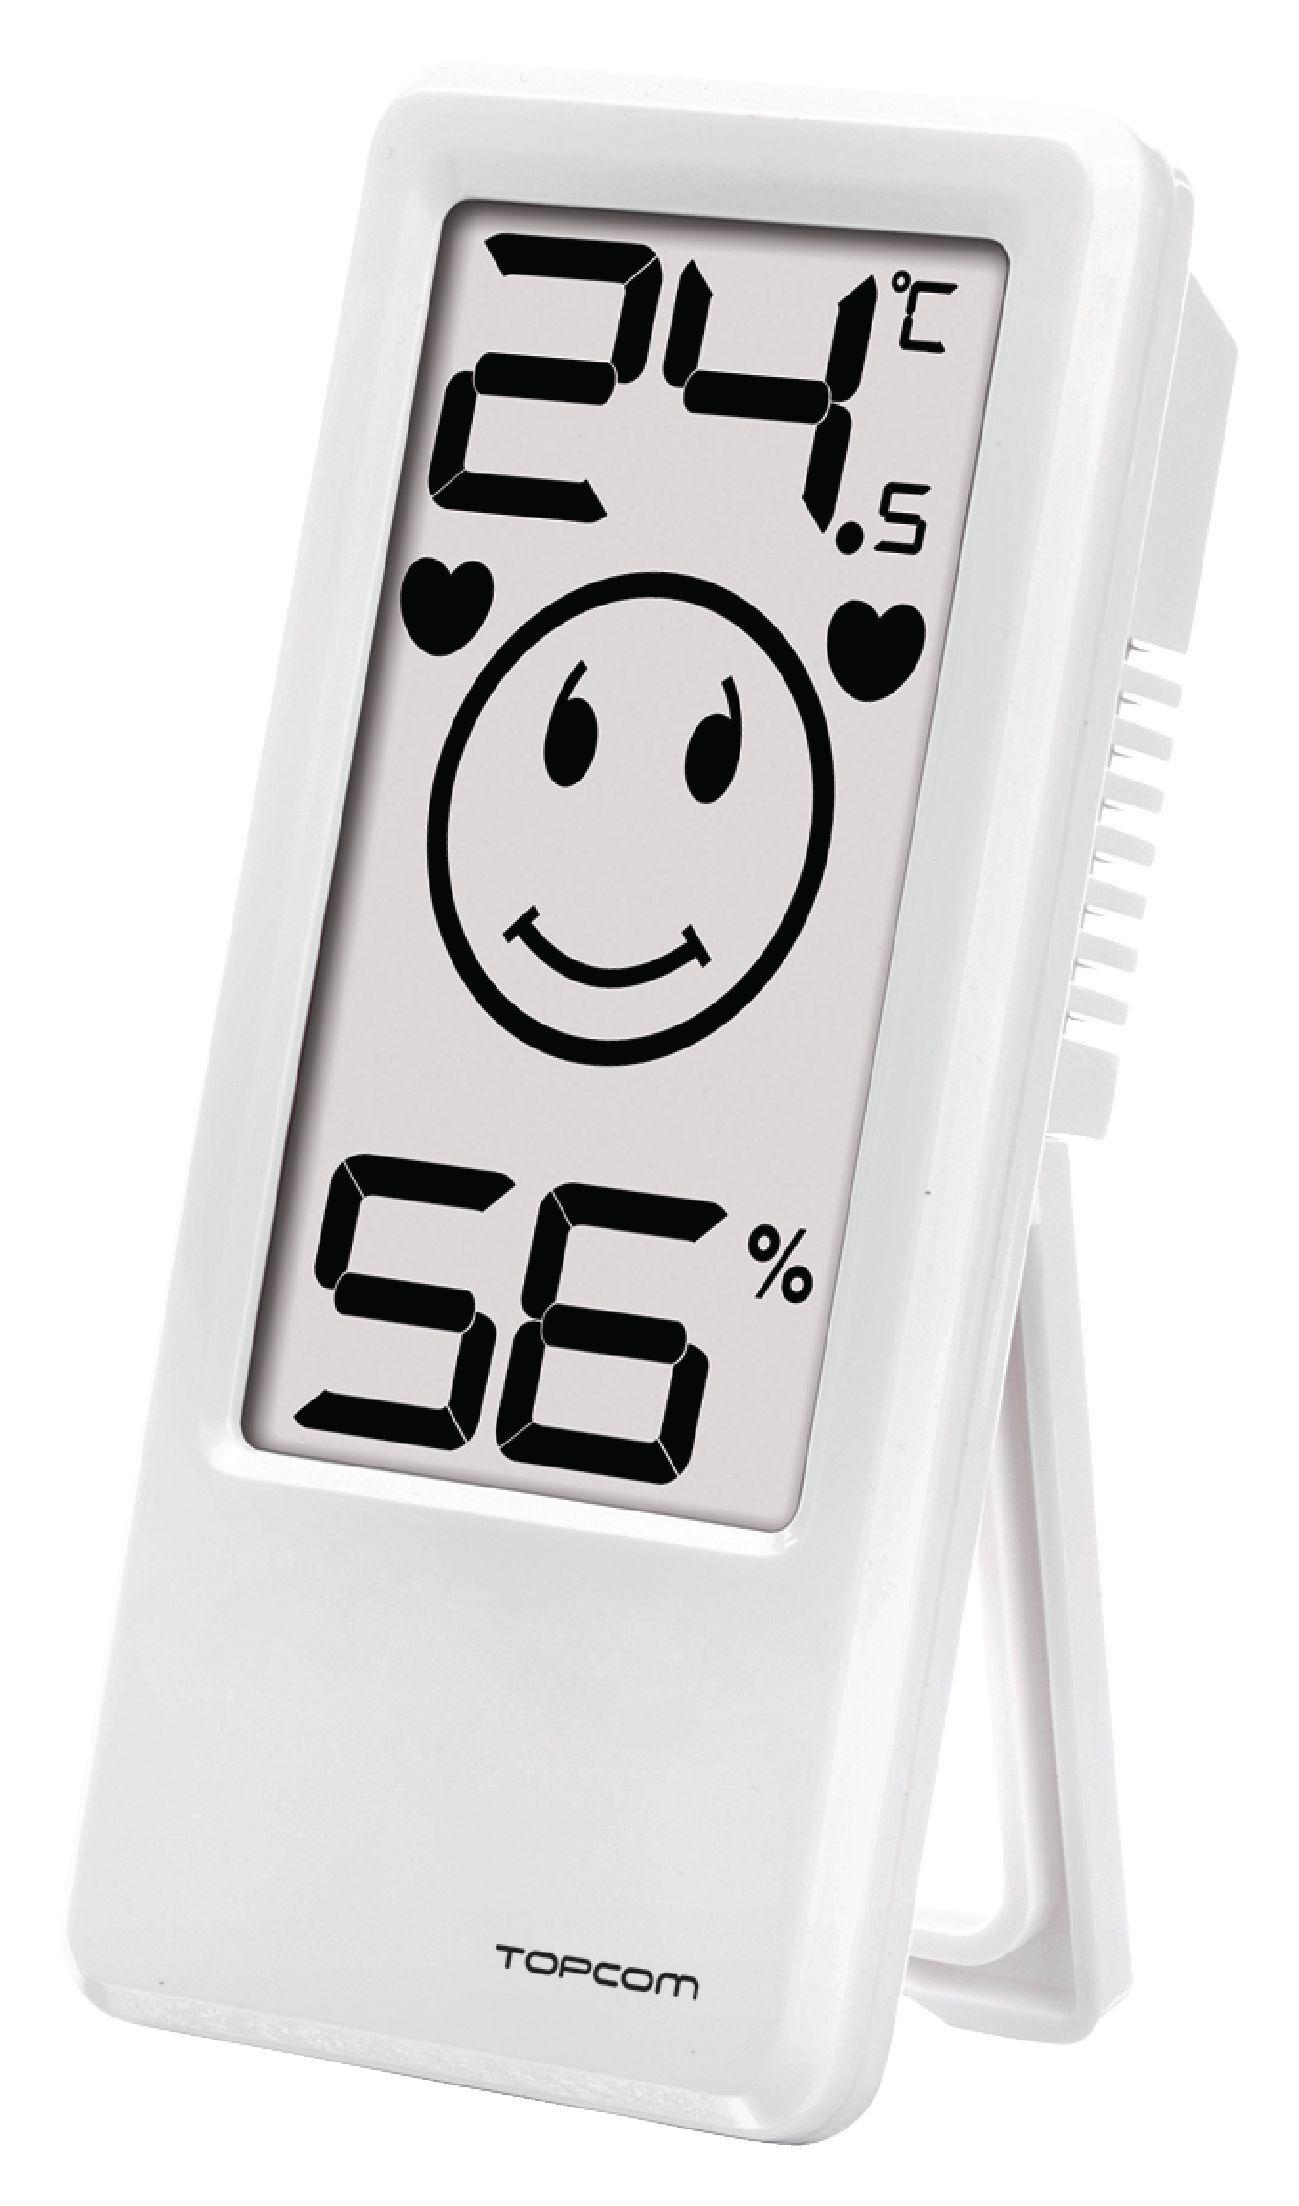 Topcom Baby comfort meter